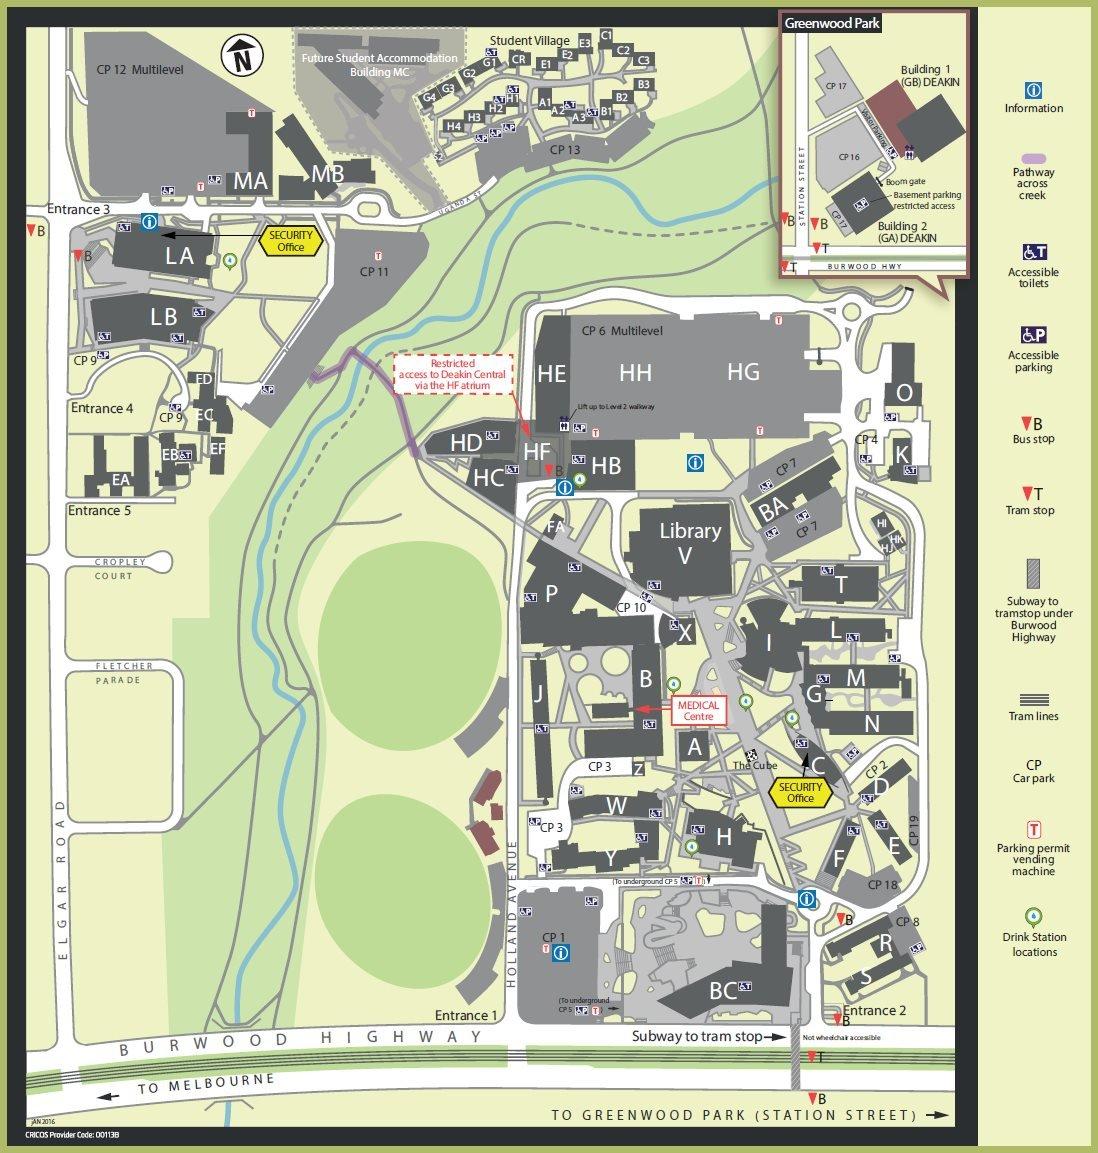 Deakin Burwood Campus Map Deakin Burwood Campus Map | compressportnederland Deakin Burwood Campus Map